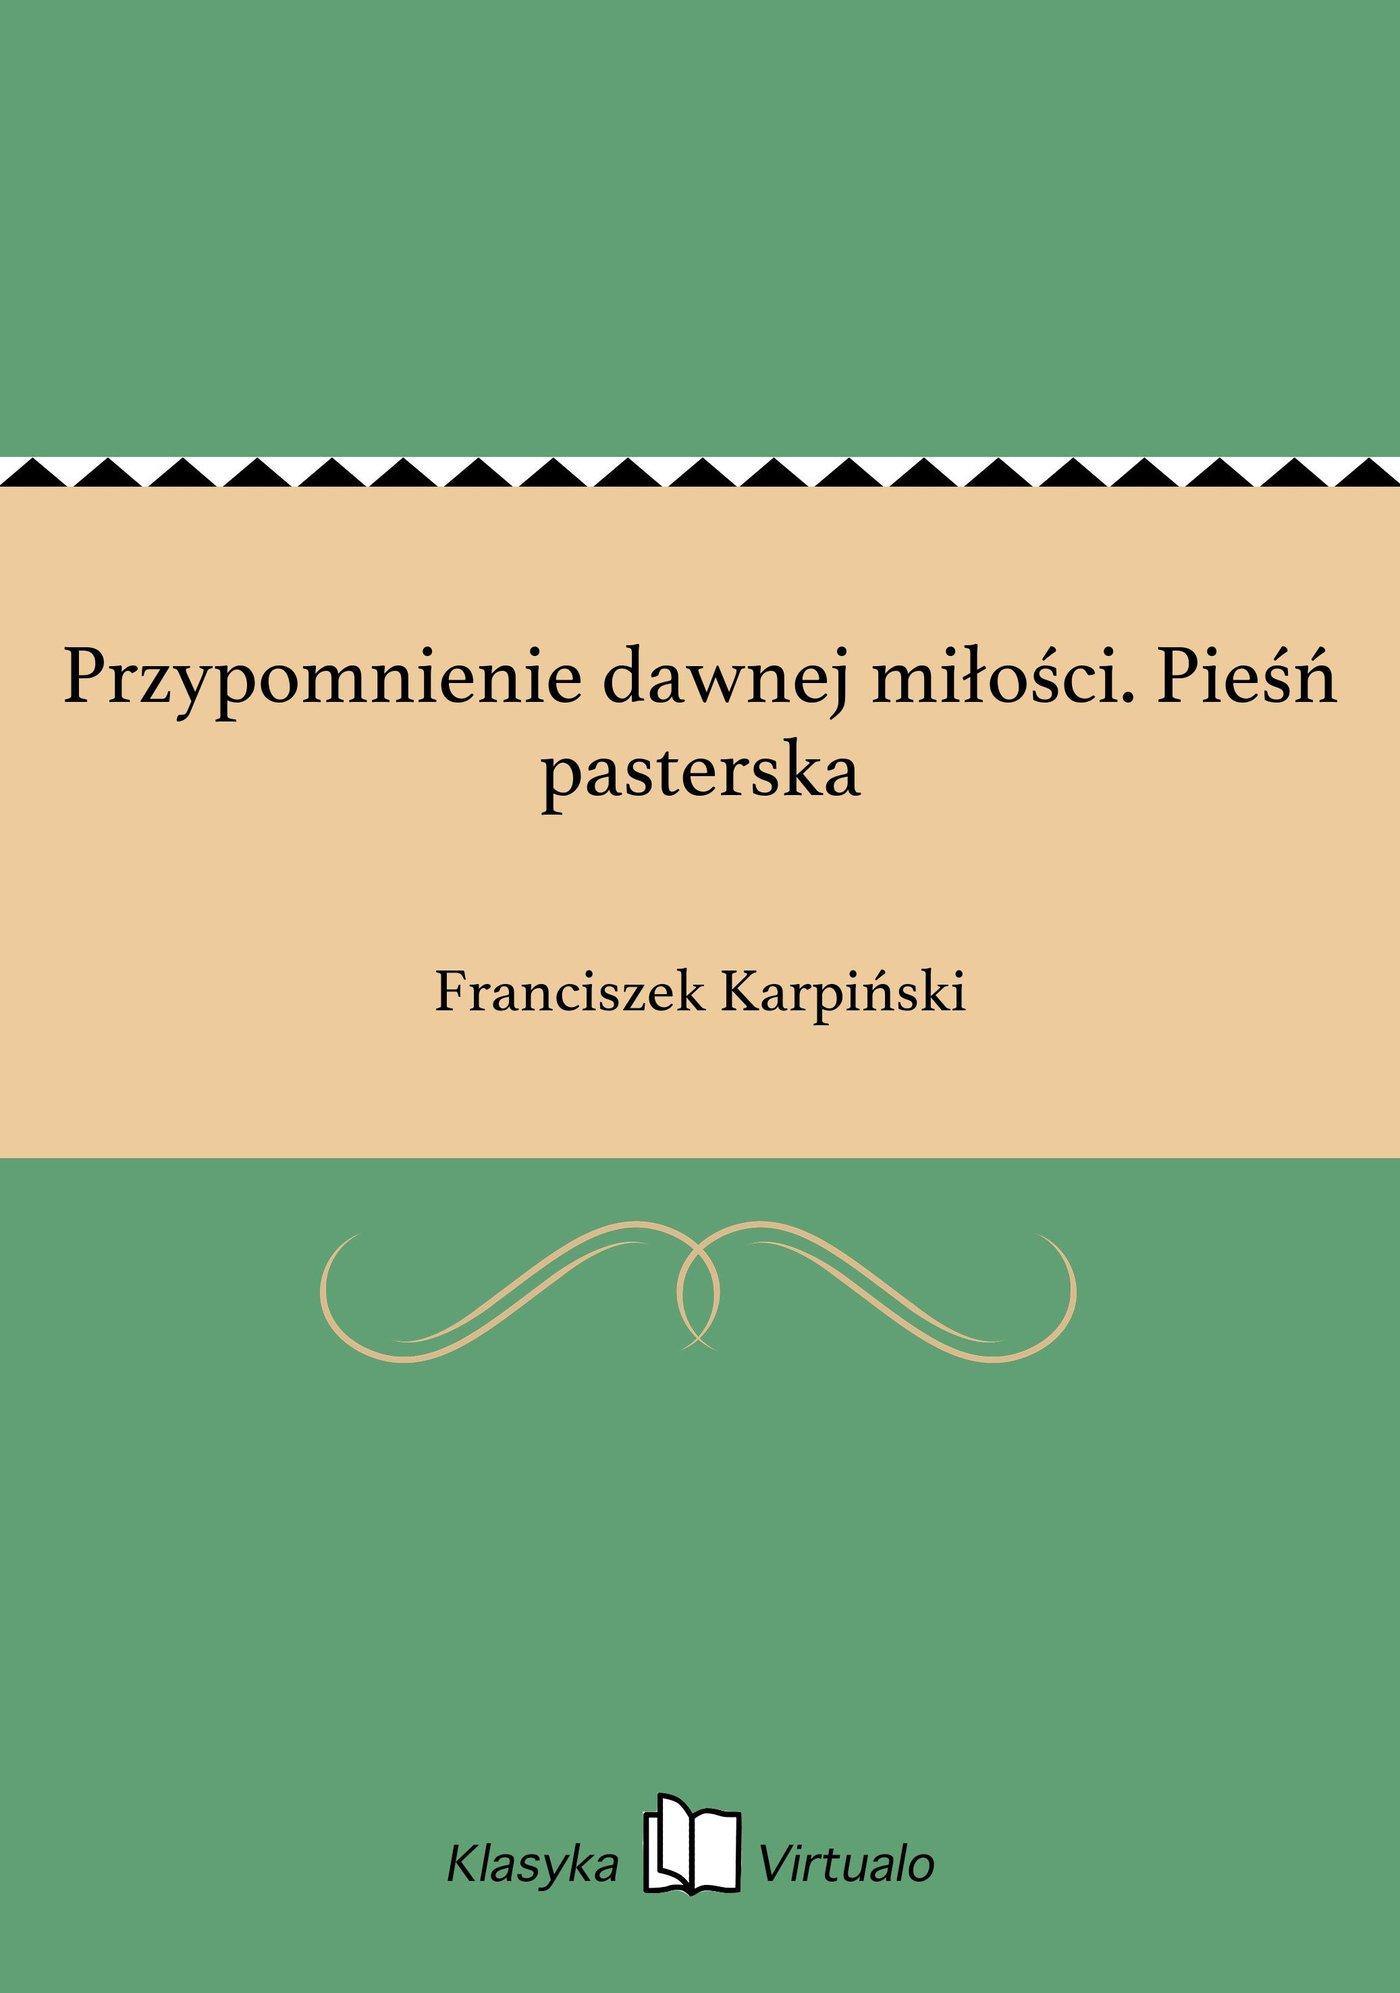 Przypomnienie dawnej miłości. Pieśń pasterska - Ebook (Książka EPUB) do pobrania w formacie EPUB